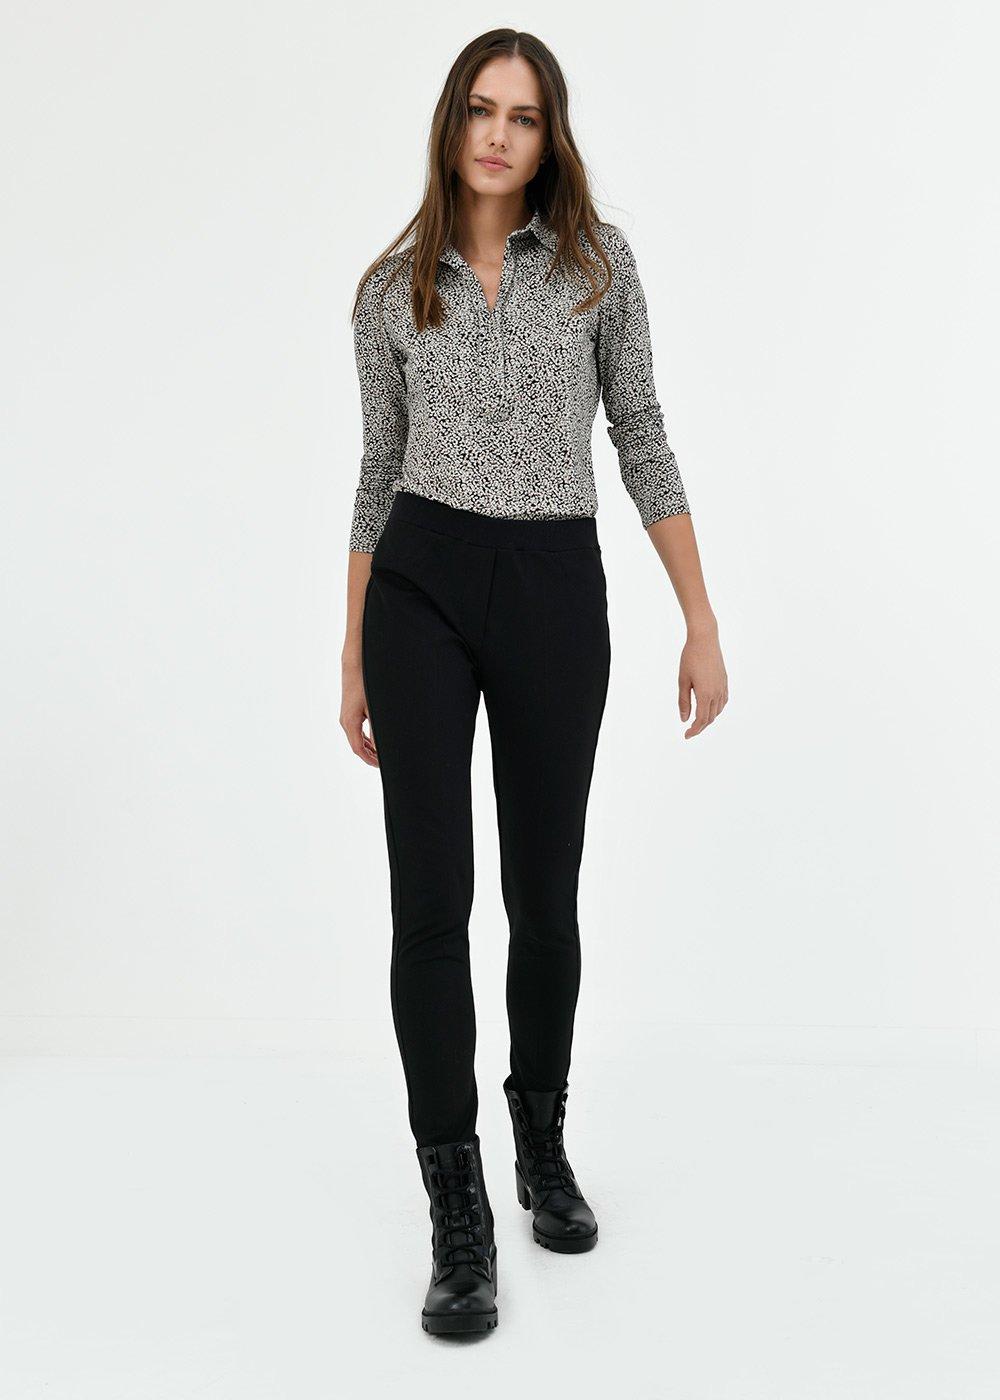 Pantalone Kelly con elastico in vita - Black - Donna